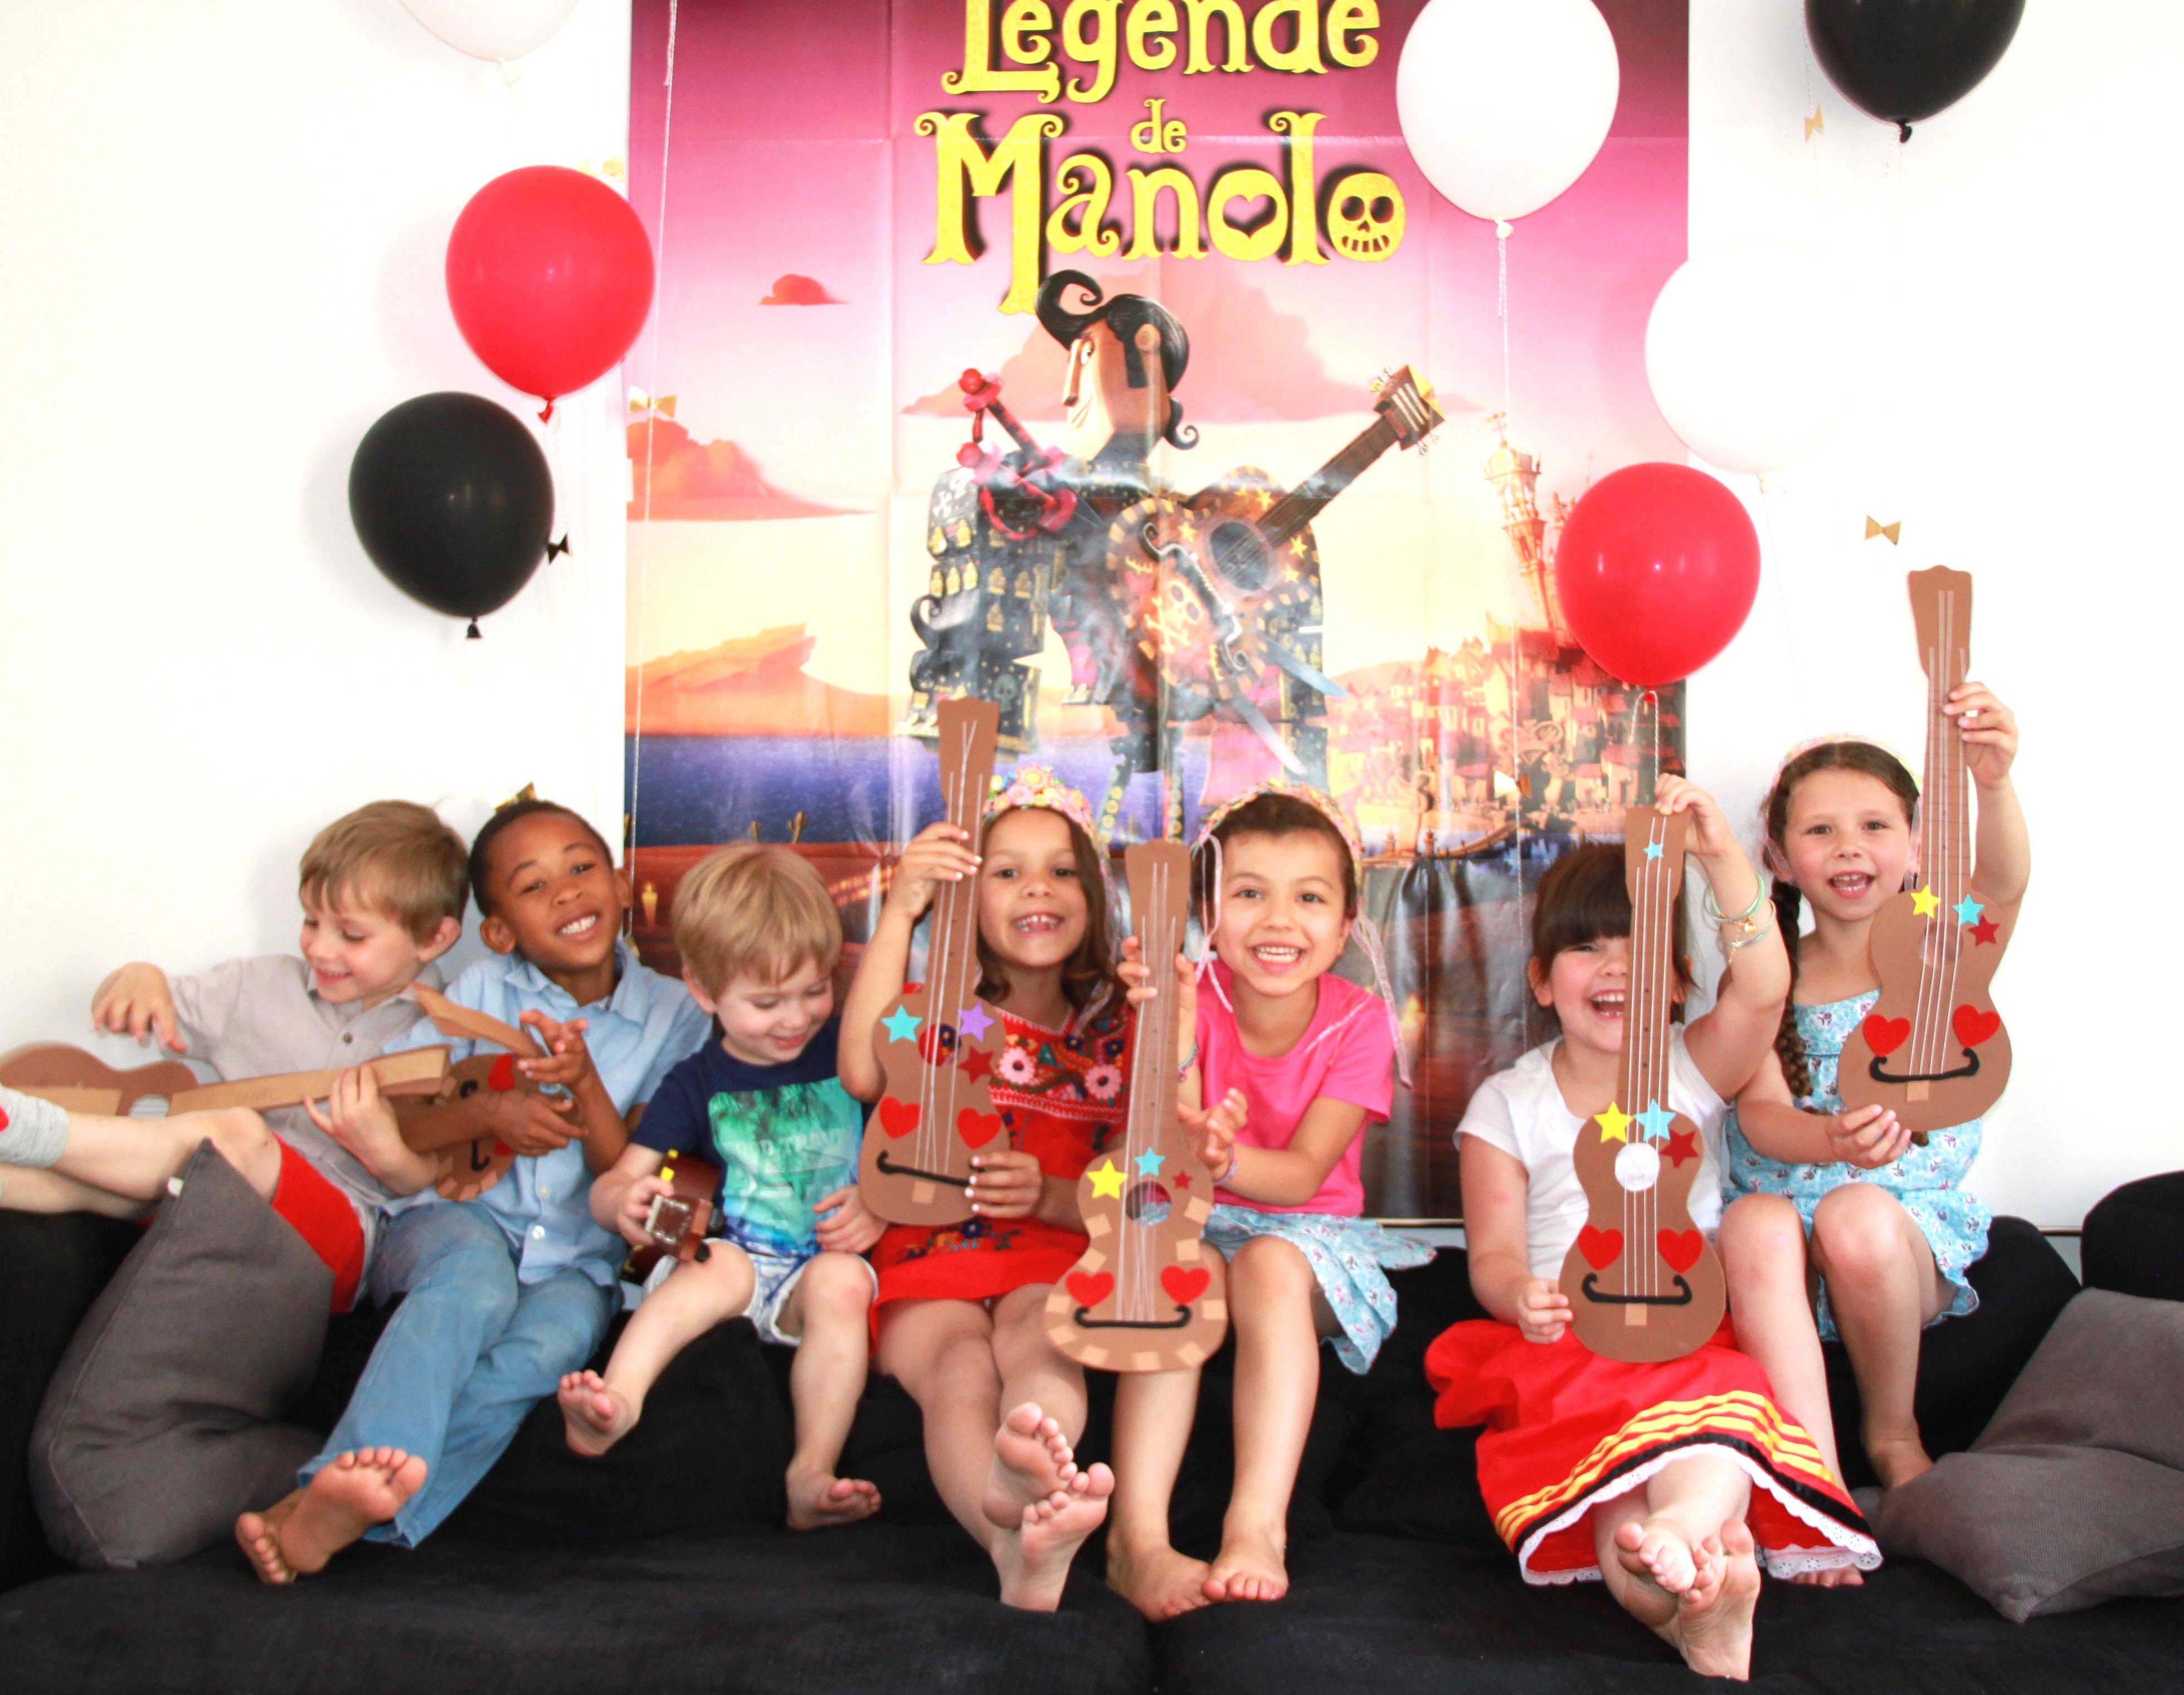 6 ans Louise x La légende de Manolo